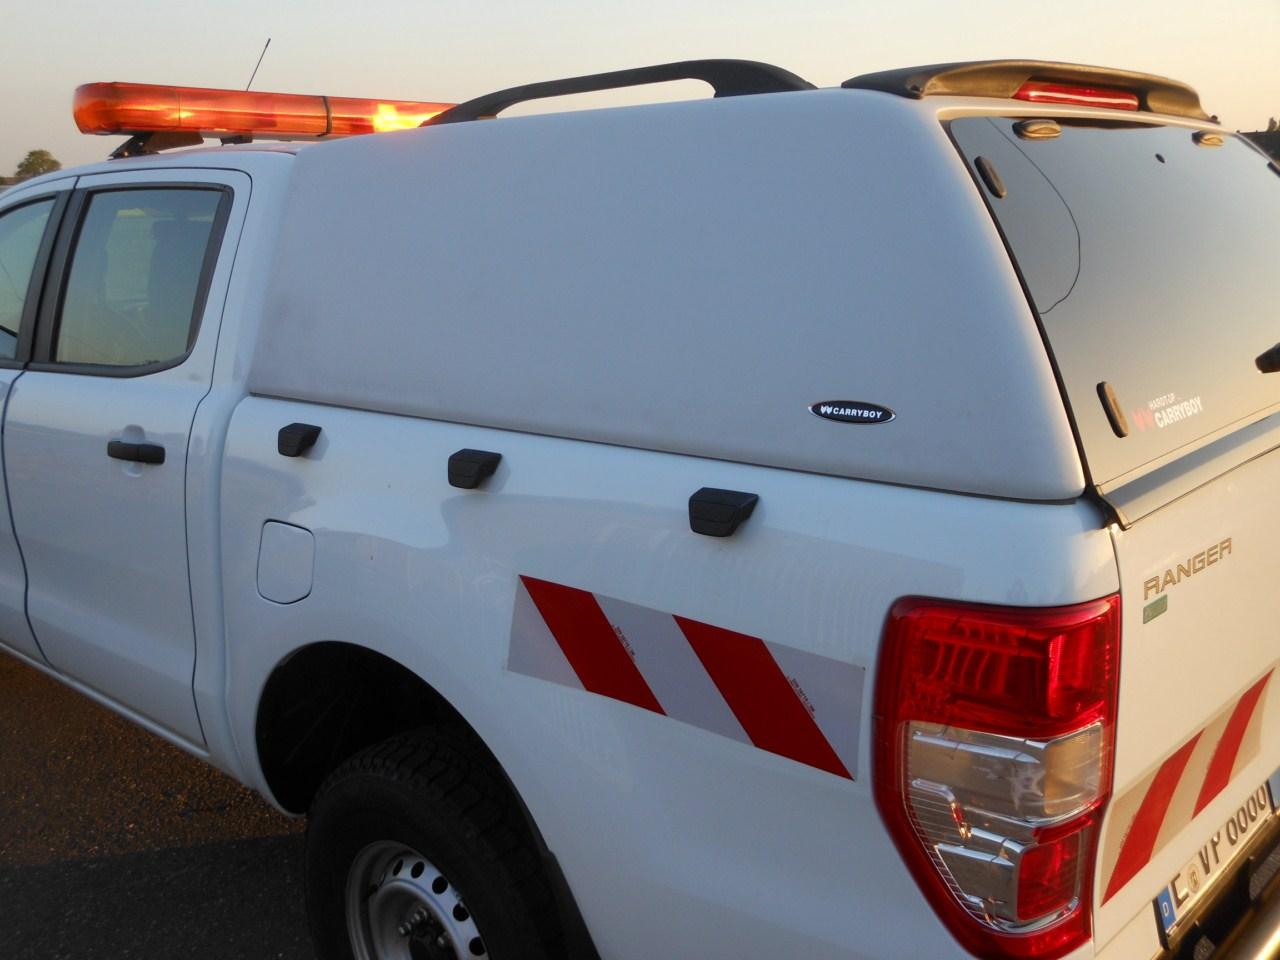 CARRYBOY Hardtop ohne Seitenfenster 560oS für Toyota Hilux Vigo Doppelkabine Dachreling 80kg